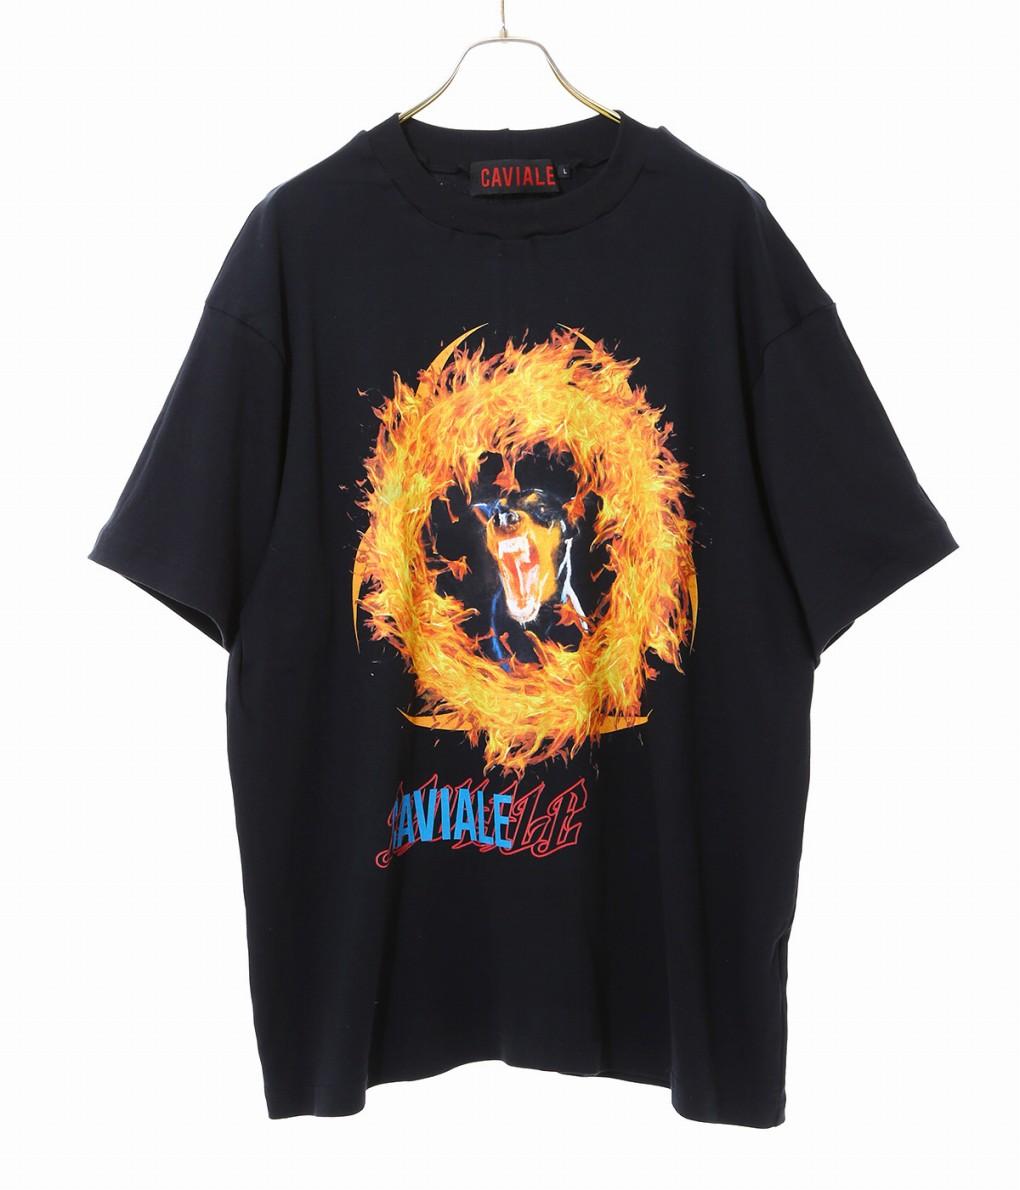 【アウトレットキャンペーン!】CAVIALE / カビアーレ : T-SHIRT : ティーシャツ Tシャツ トップス カットソー メンズ : SSB1 【WAX】